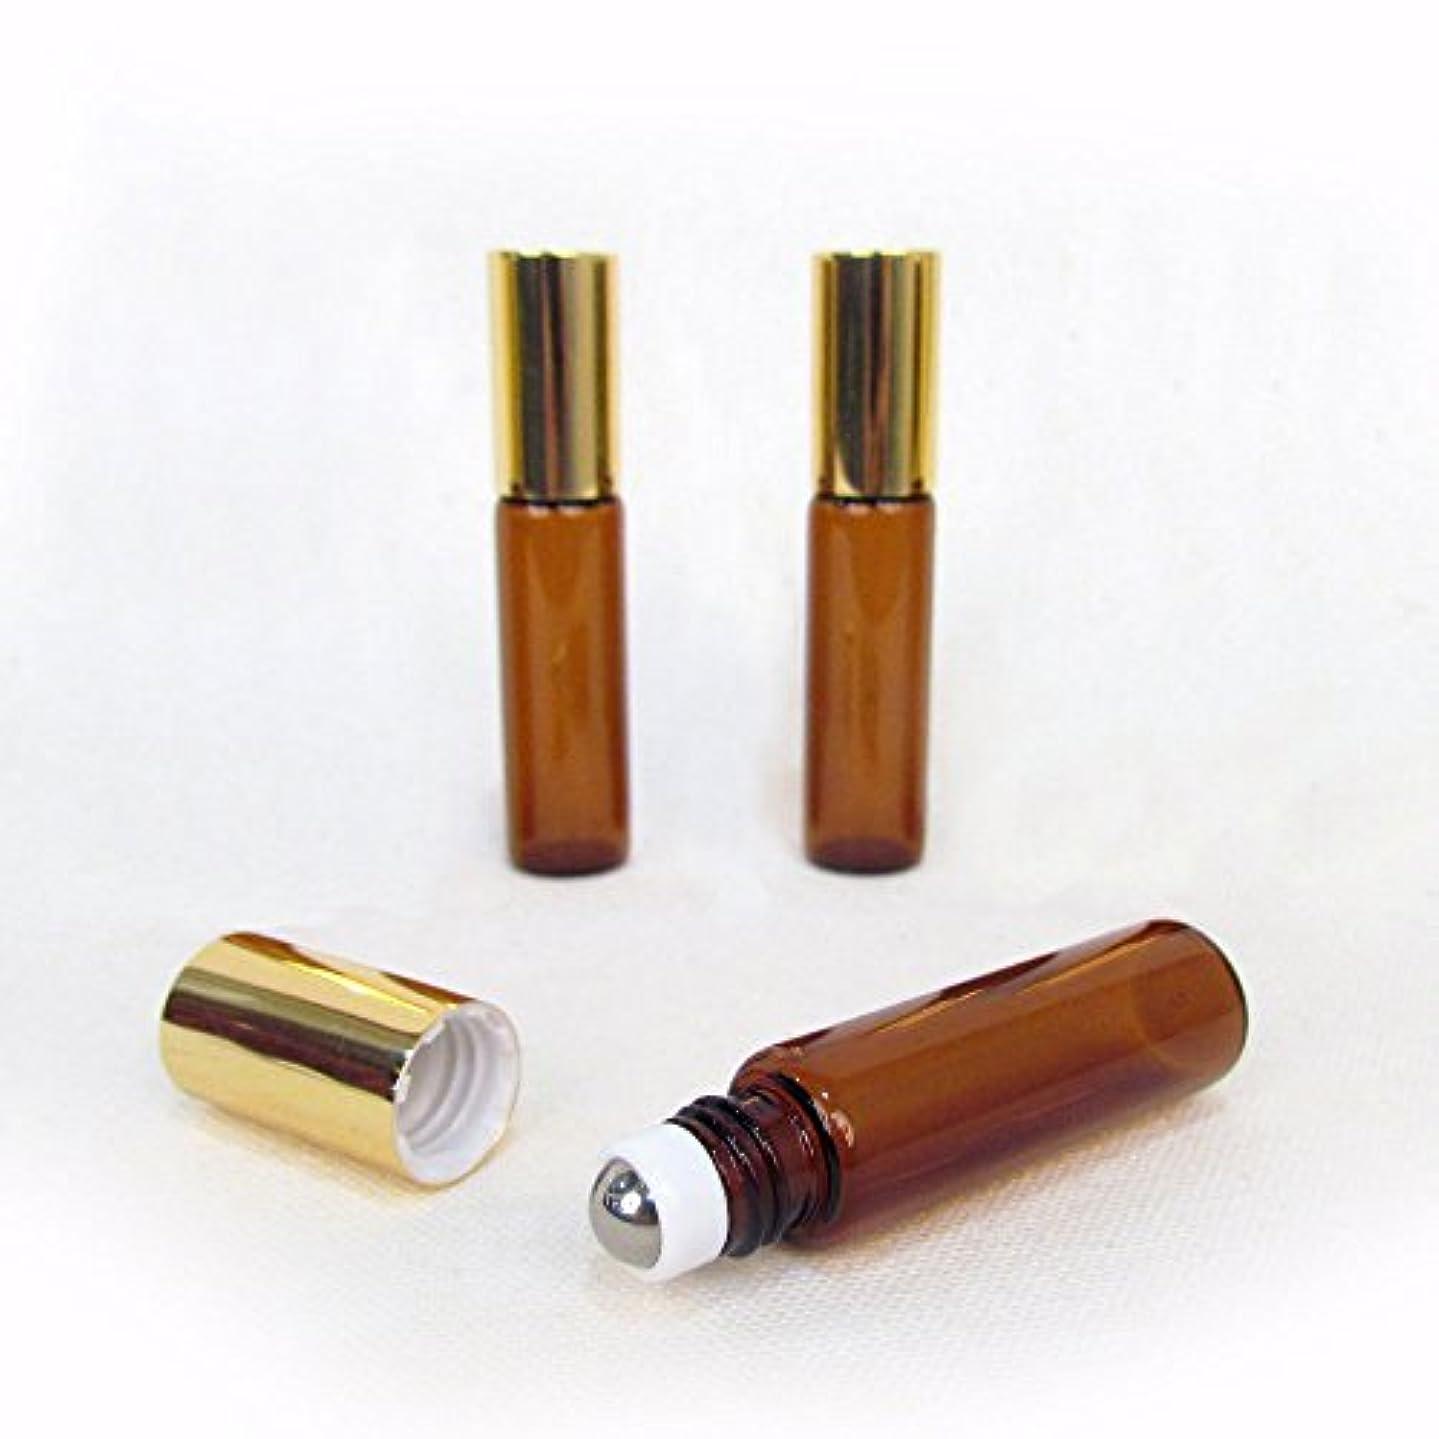 インターネット妥協どちらかSet of 3-5ml Brown Amber Glass Roll On Bottle With Stainless Steel Ball for Essential Oils by Rivertree Life [...